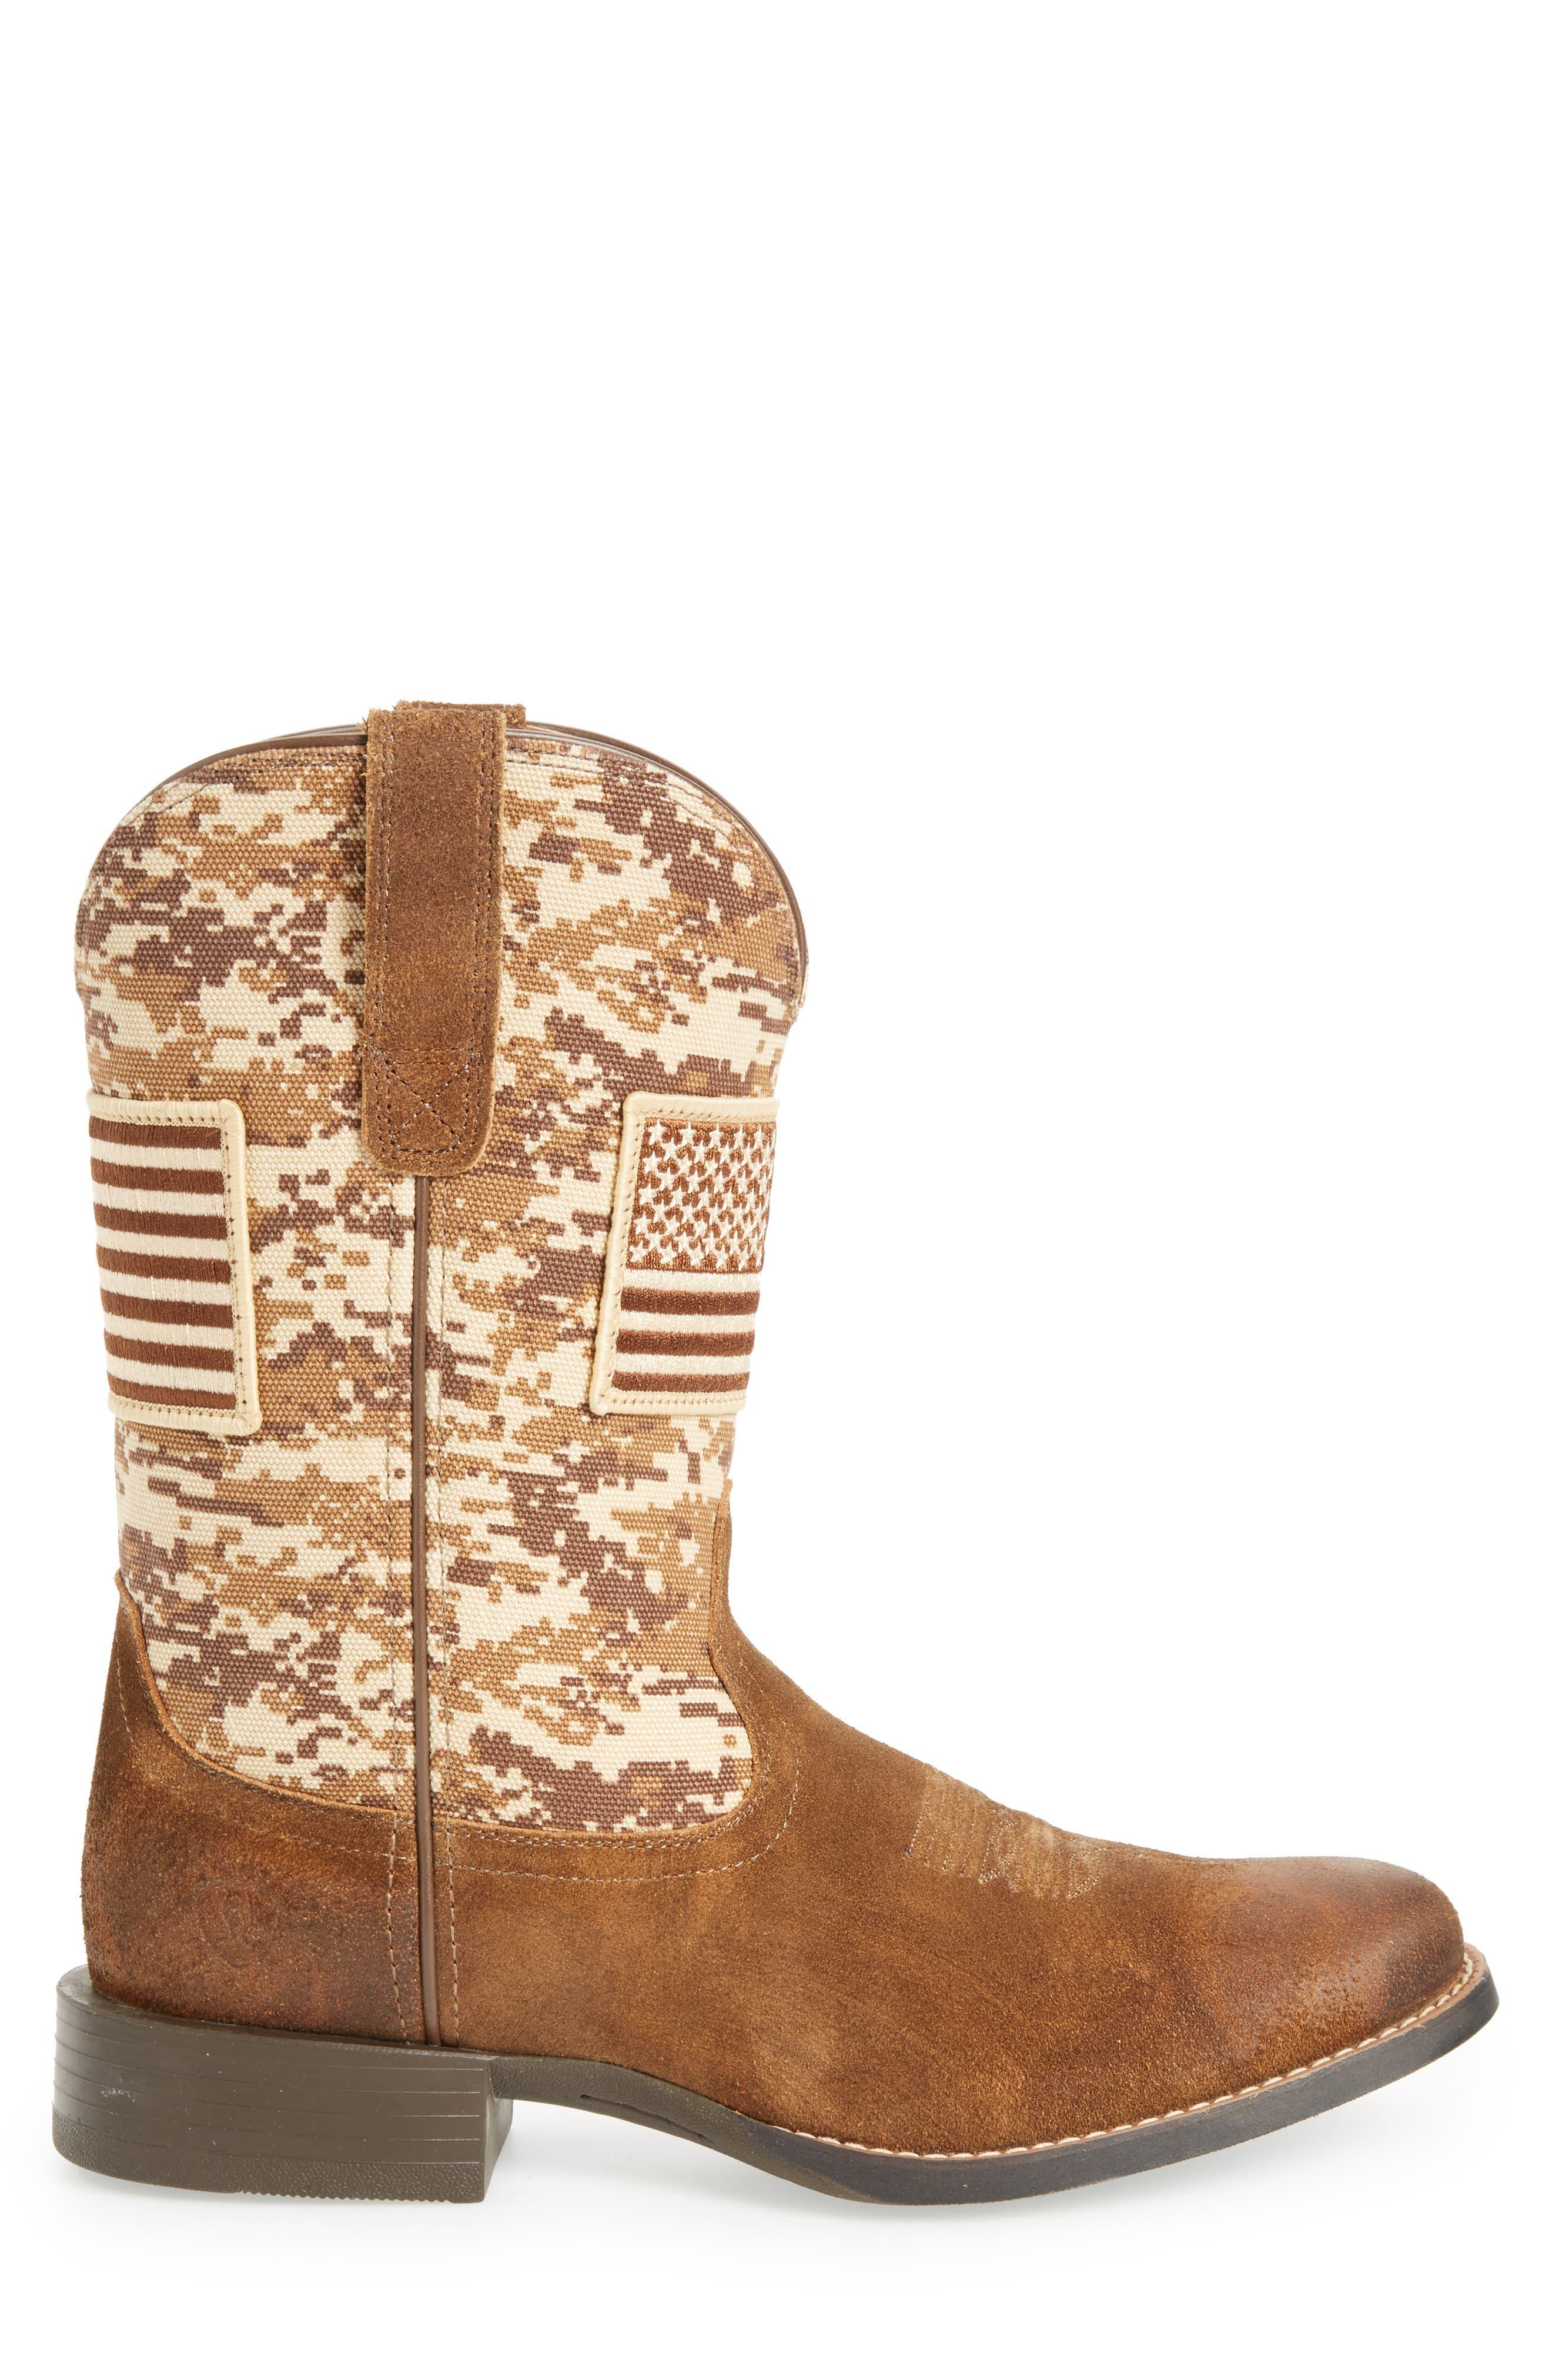 Sport Patriot Cowboy Boot,                             Alternate thumbnail 3, color,                             Antique Mocha/ Sand Leather